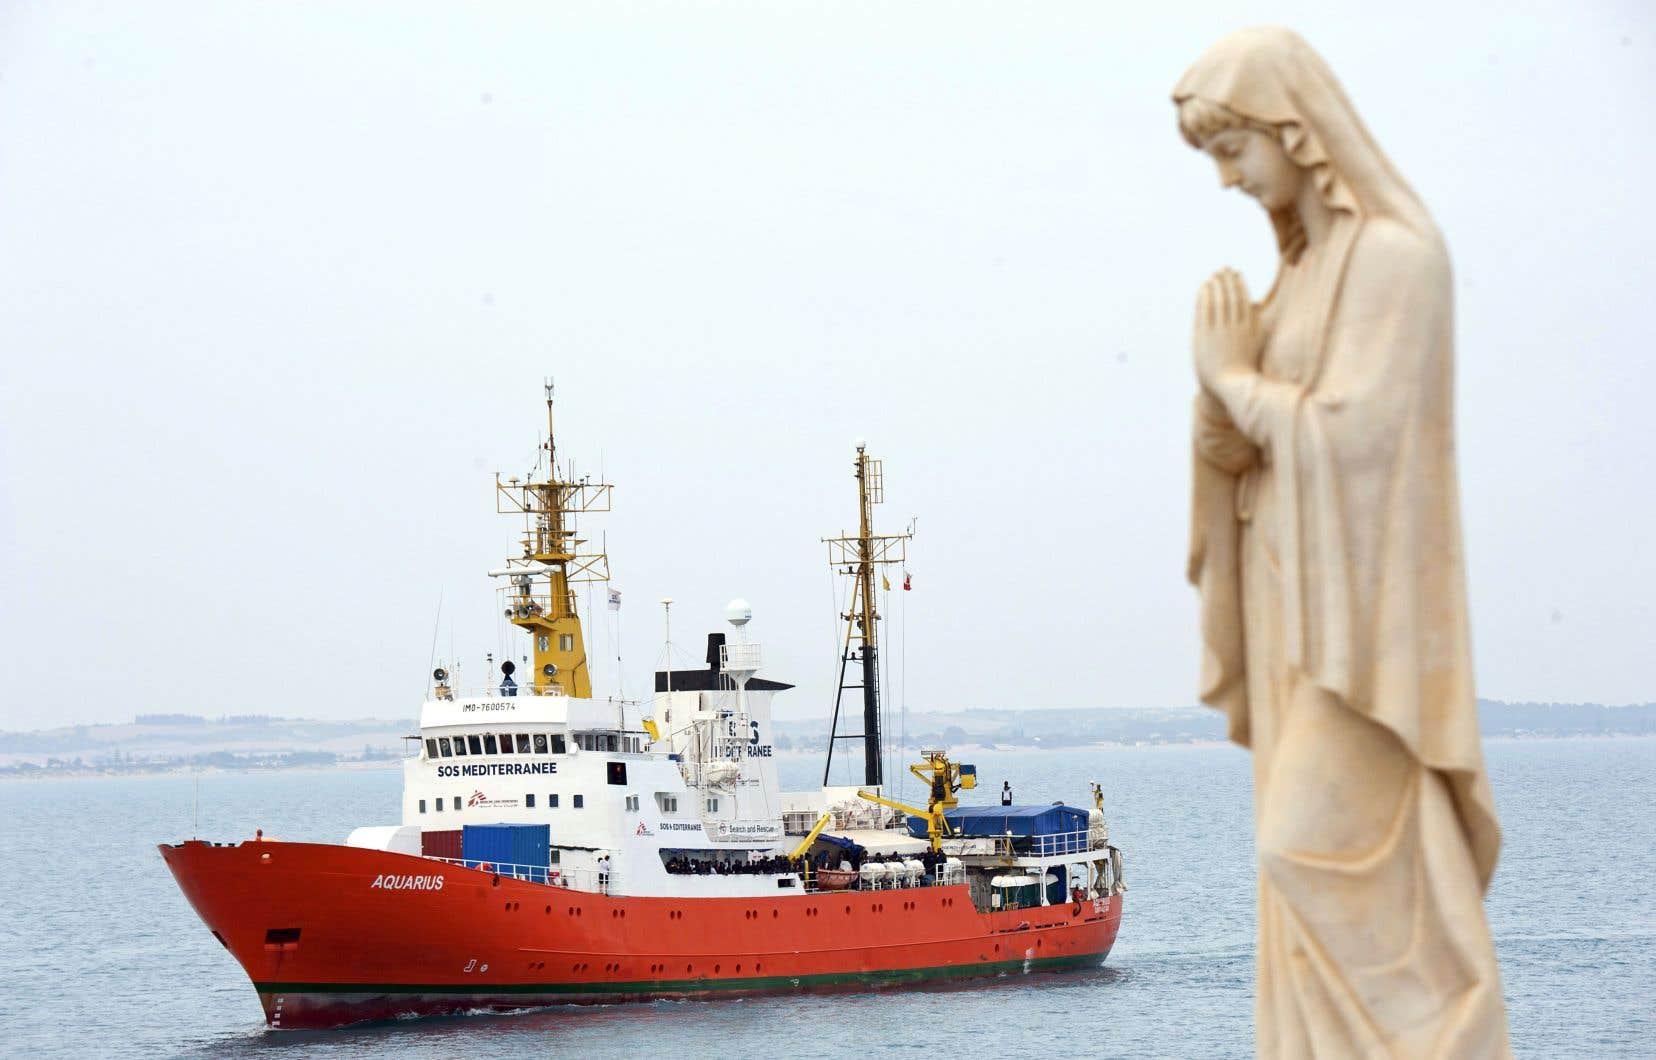 L'embarcation vue depuis le port de Pozzallo, dans le sud de l'Italie